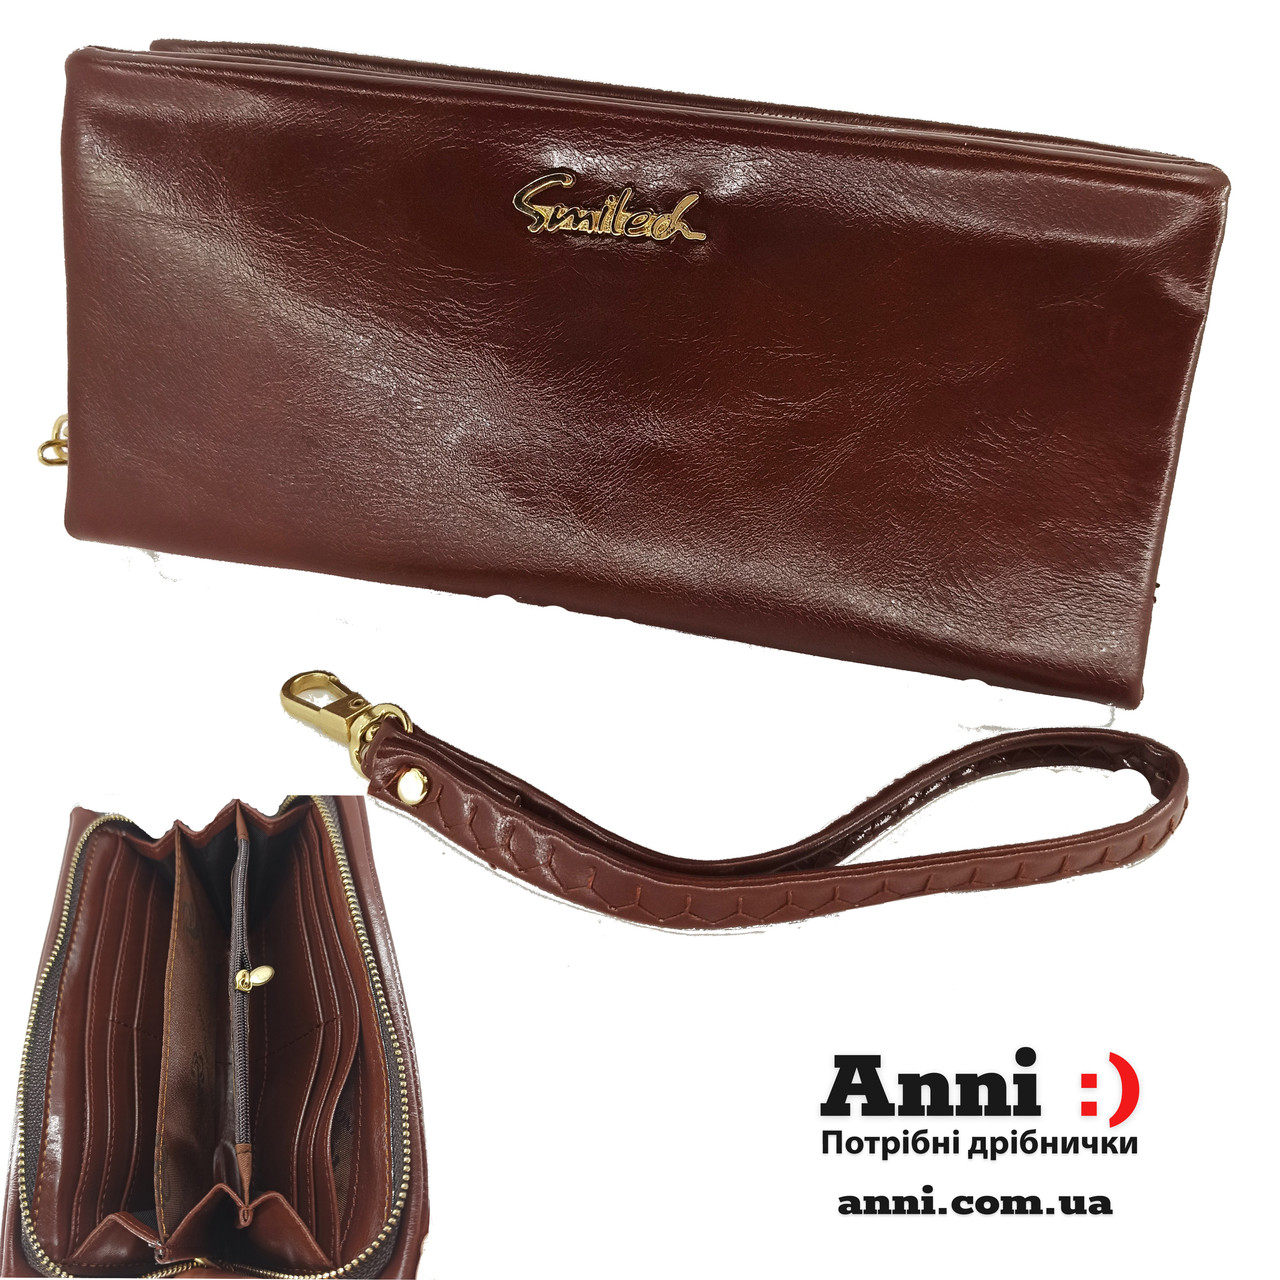 Классический женский кошелек клатч из качественной PU кожи  d. coffee